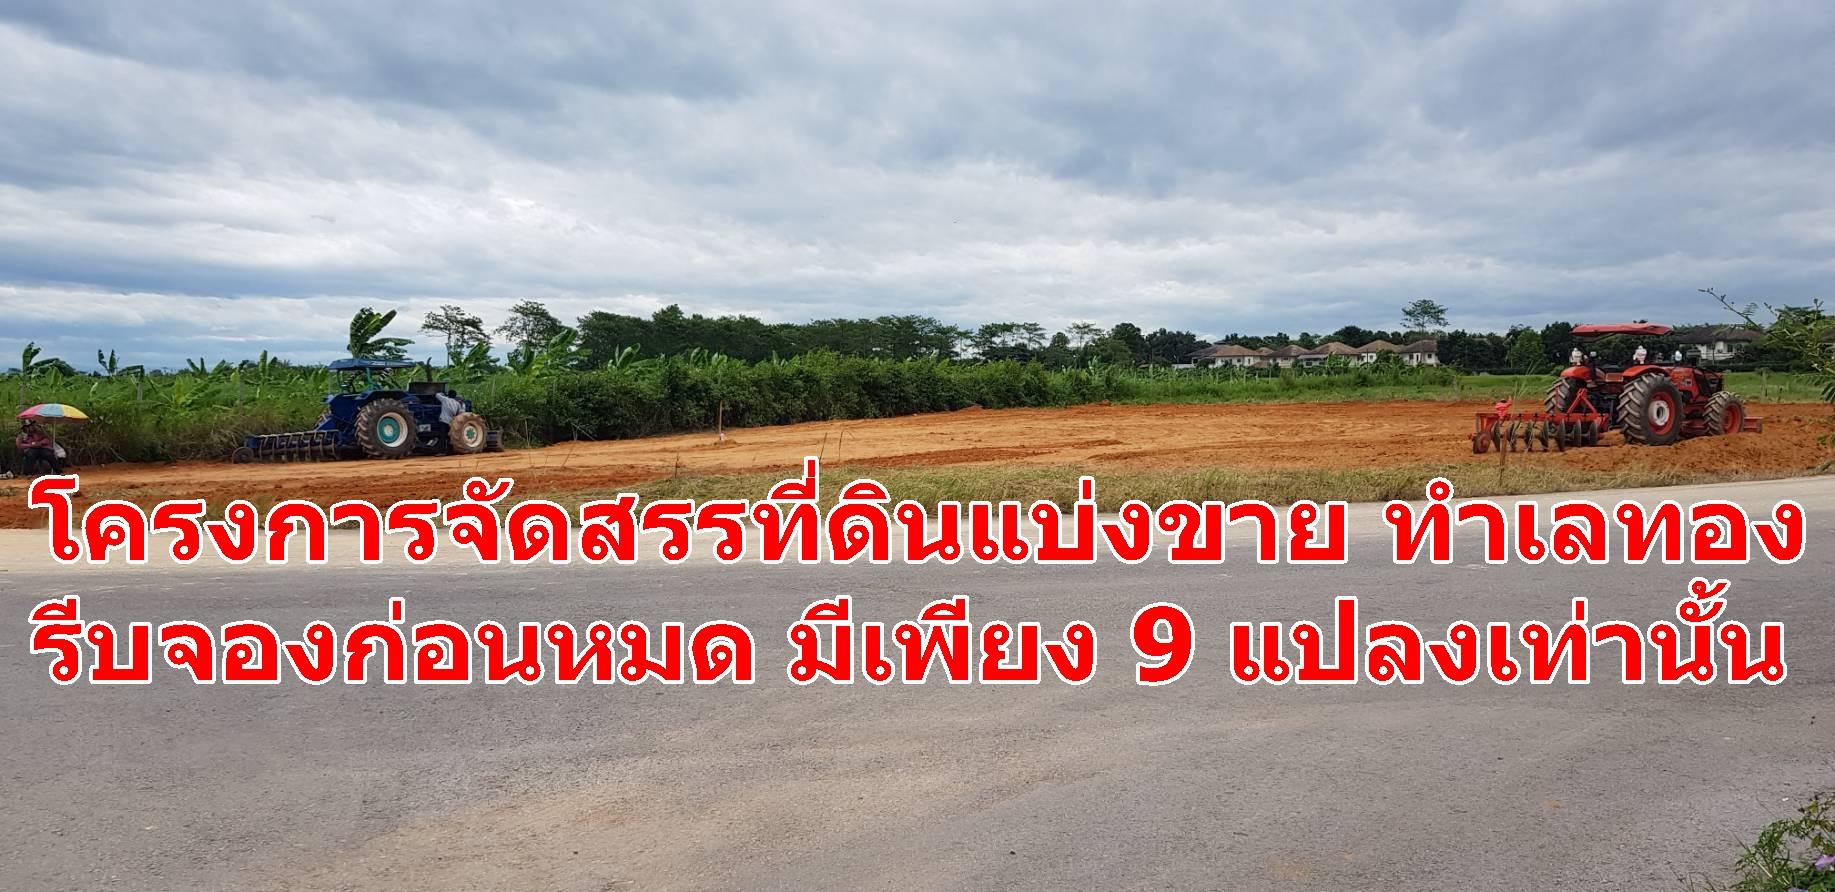 เชียงรายโครงการจัดสรรที่ดินแบ่งขาย ทำเลทอง รีบจองก่อนหมด มีเพียง 9 แปลงเท่านั้น